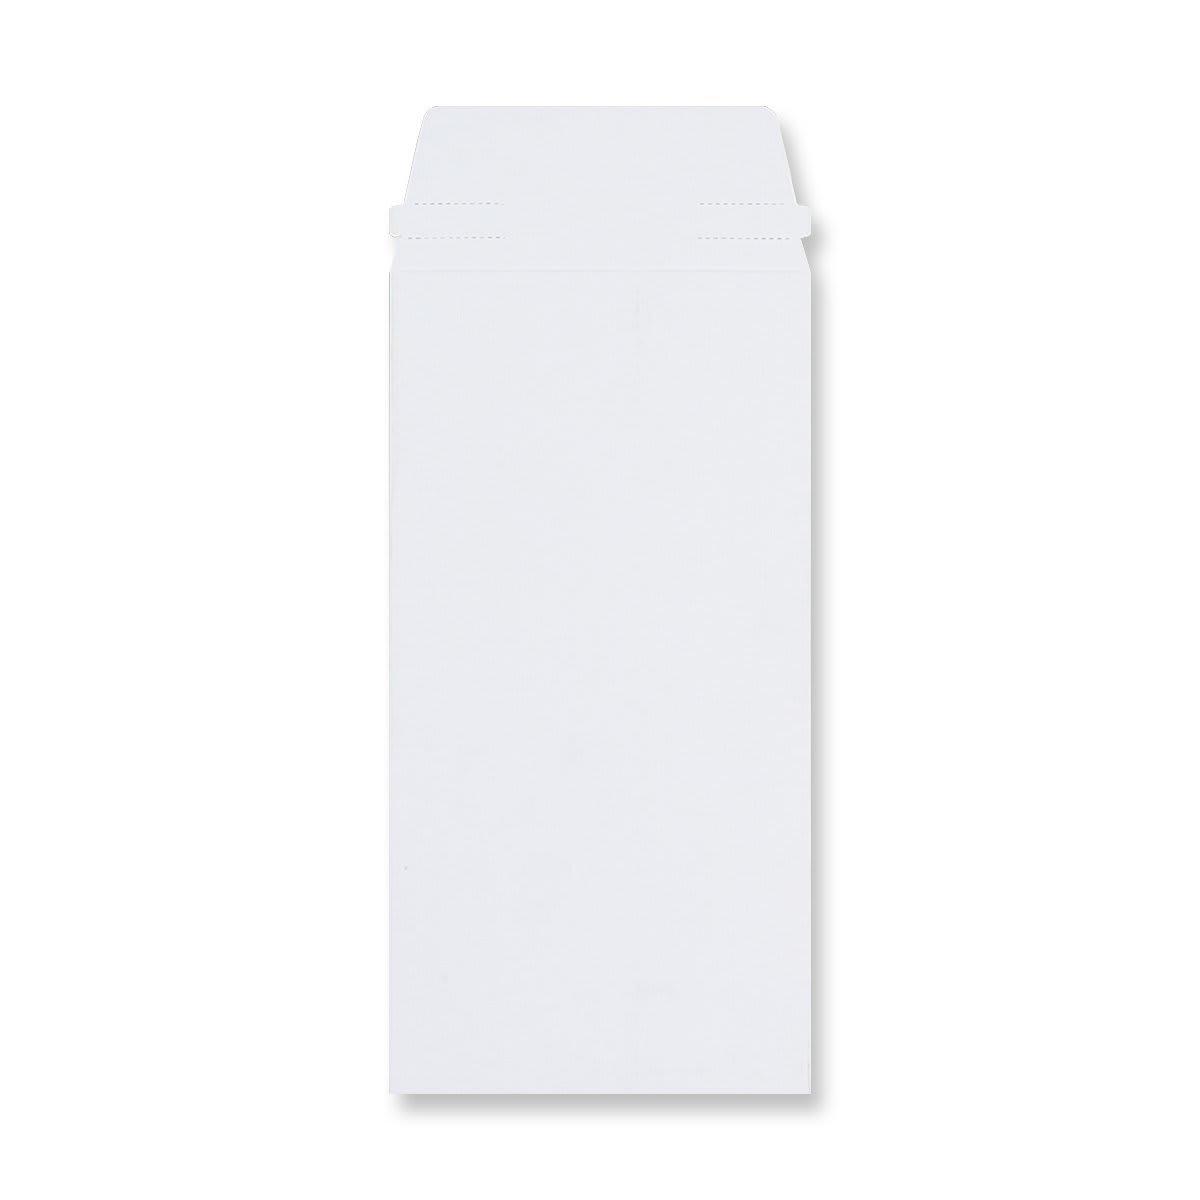 DL WHITE ALL BOARD ENVELOPES